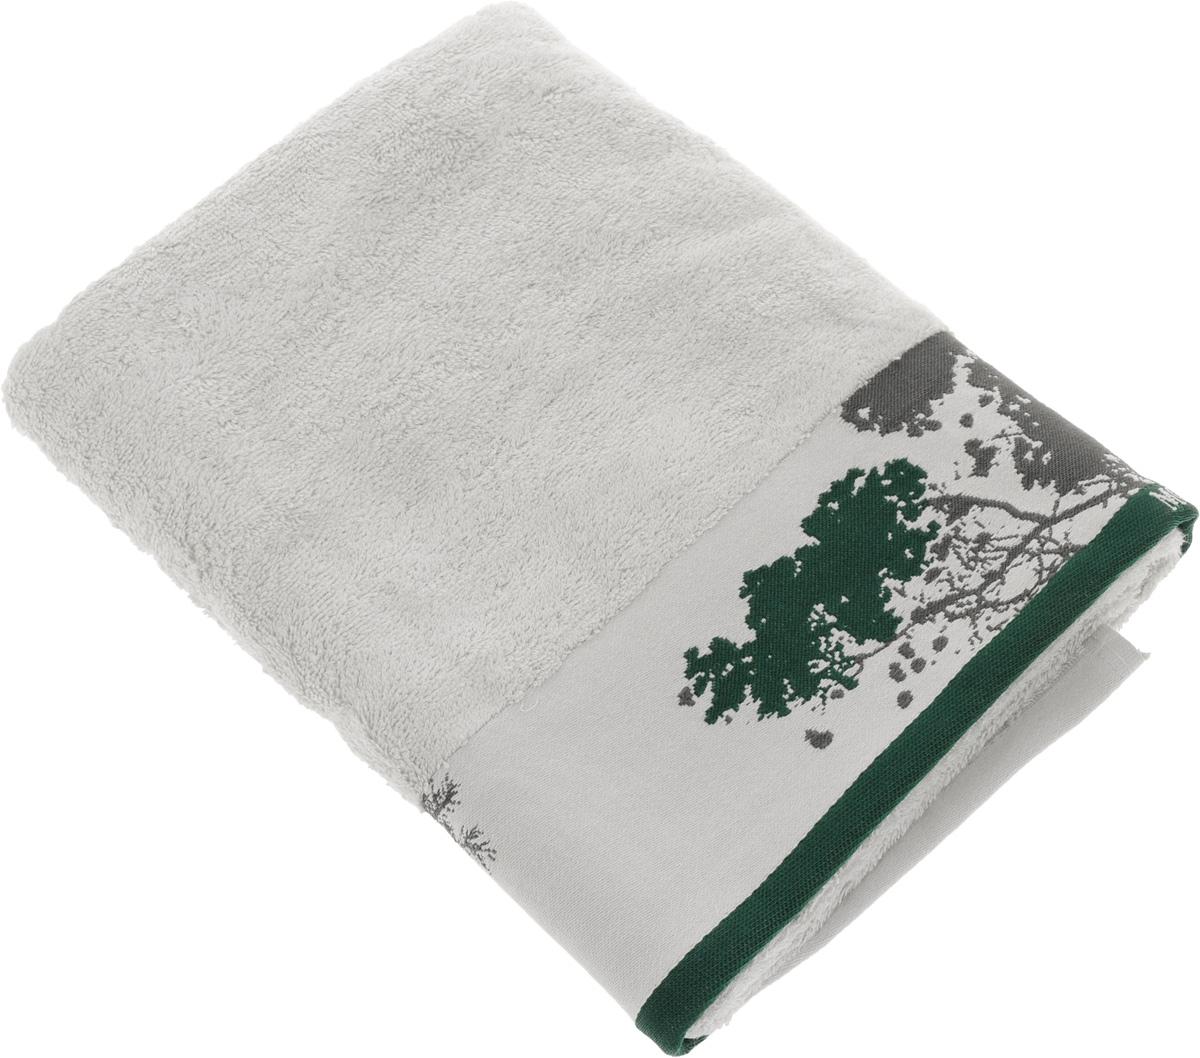 Полотенце Mona Liza Nature, цвет: светло-серый, зеленый, 70 х 140 смCLP446Мягкое полотенце Nature изготовлено из 30% хлопка и 70% бамбукового волокна. Полотенце Nature с жаккардовым бордюром обладает высокой впитывающей способностью и сочетает в себе элегантную роскошь и практичность. Благодаря высокому качеству изготовления, полотенце будет радовать вас многие годы. Мотивы коллекции Mona Liza Premium bu Serg Look навеяны итальянскими фресками эпохи Ренессанса, периода удивительной гармонии в искусстве. В представленной коллекции для нанесения на ткань рисунка применяется многоцветная печать, метод реактивного крашения, который позволяет создать уникальную цветовую гамму, напоминающую старинные фрески. Этот метод также обеспечивает высокую устойчивость краски при стирке.